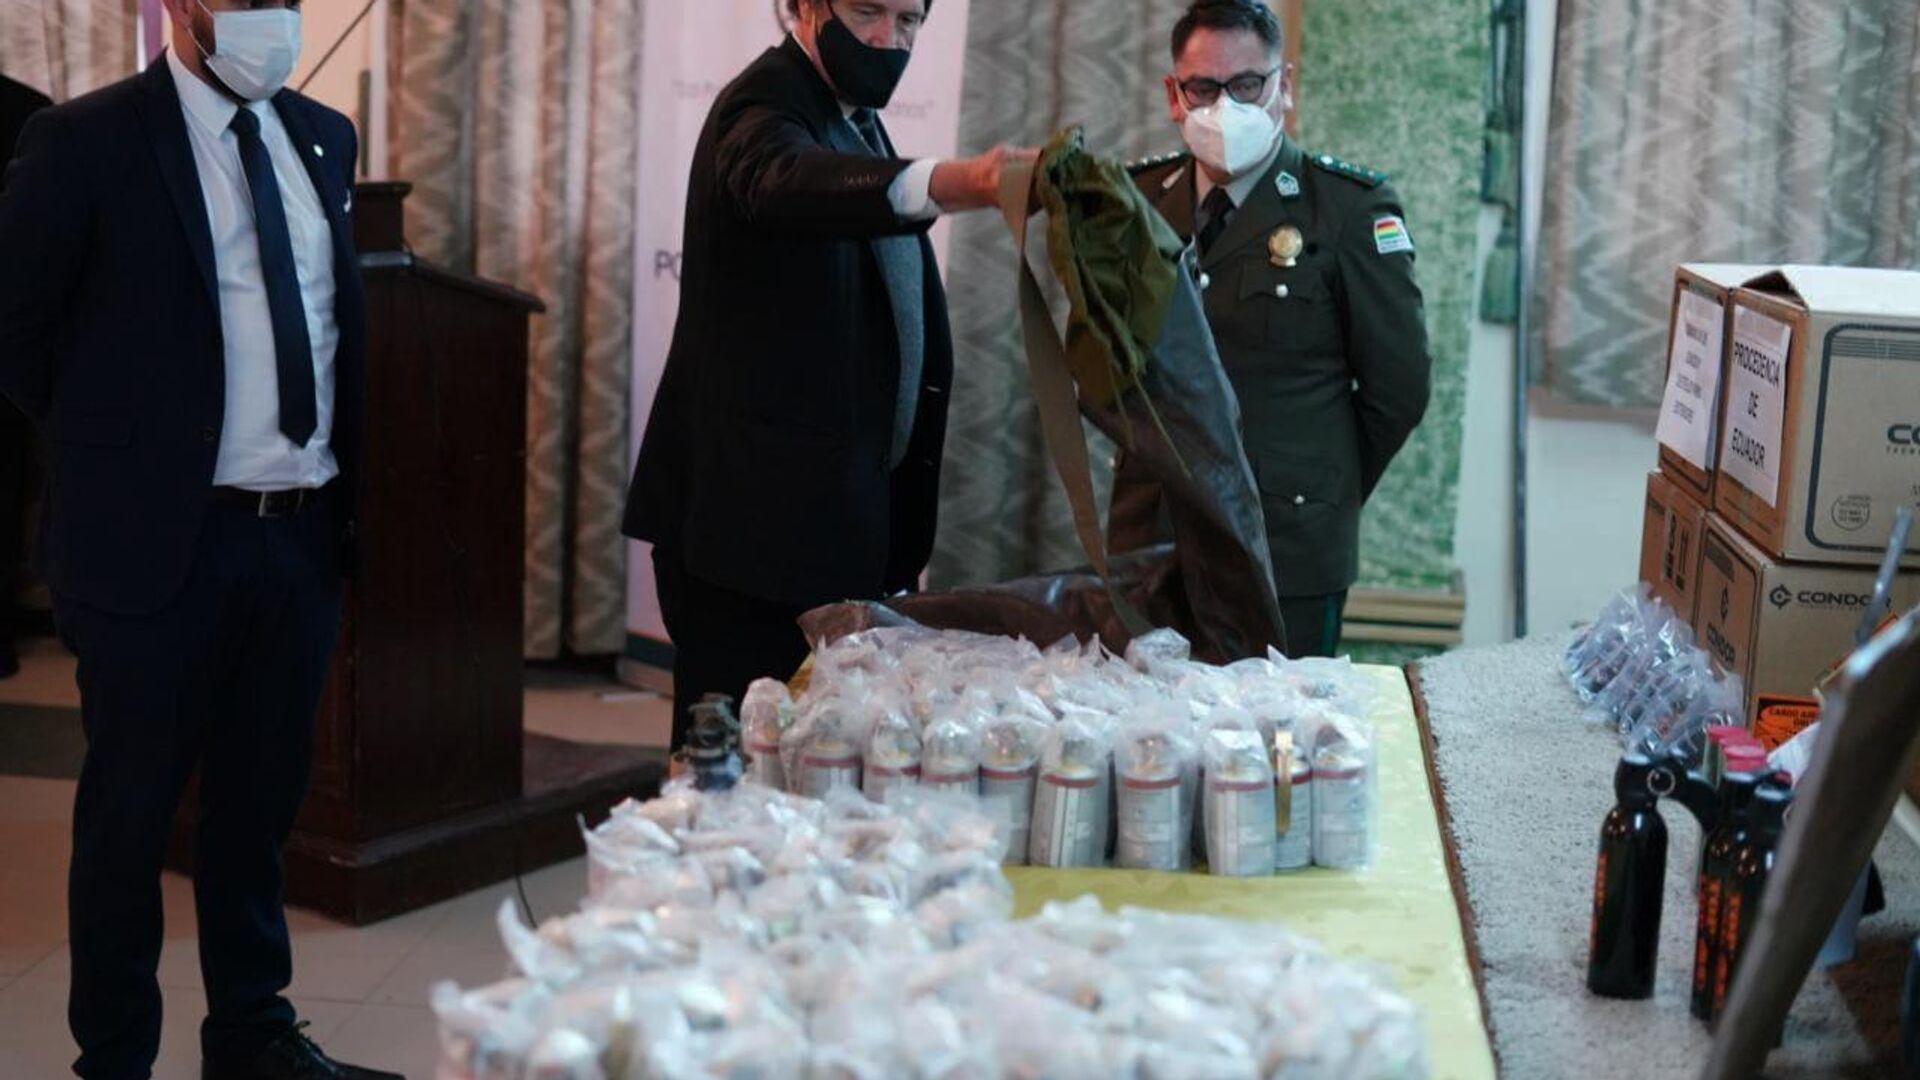 El Gobierno de Bolivia exhibió las municiones y confirmó que hubo tráfico ilícito desde Argentina - Sputnik Mundo, 1920, 22.07.2021